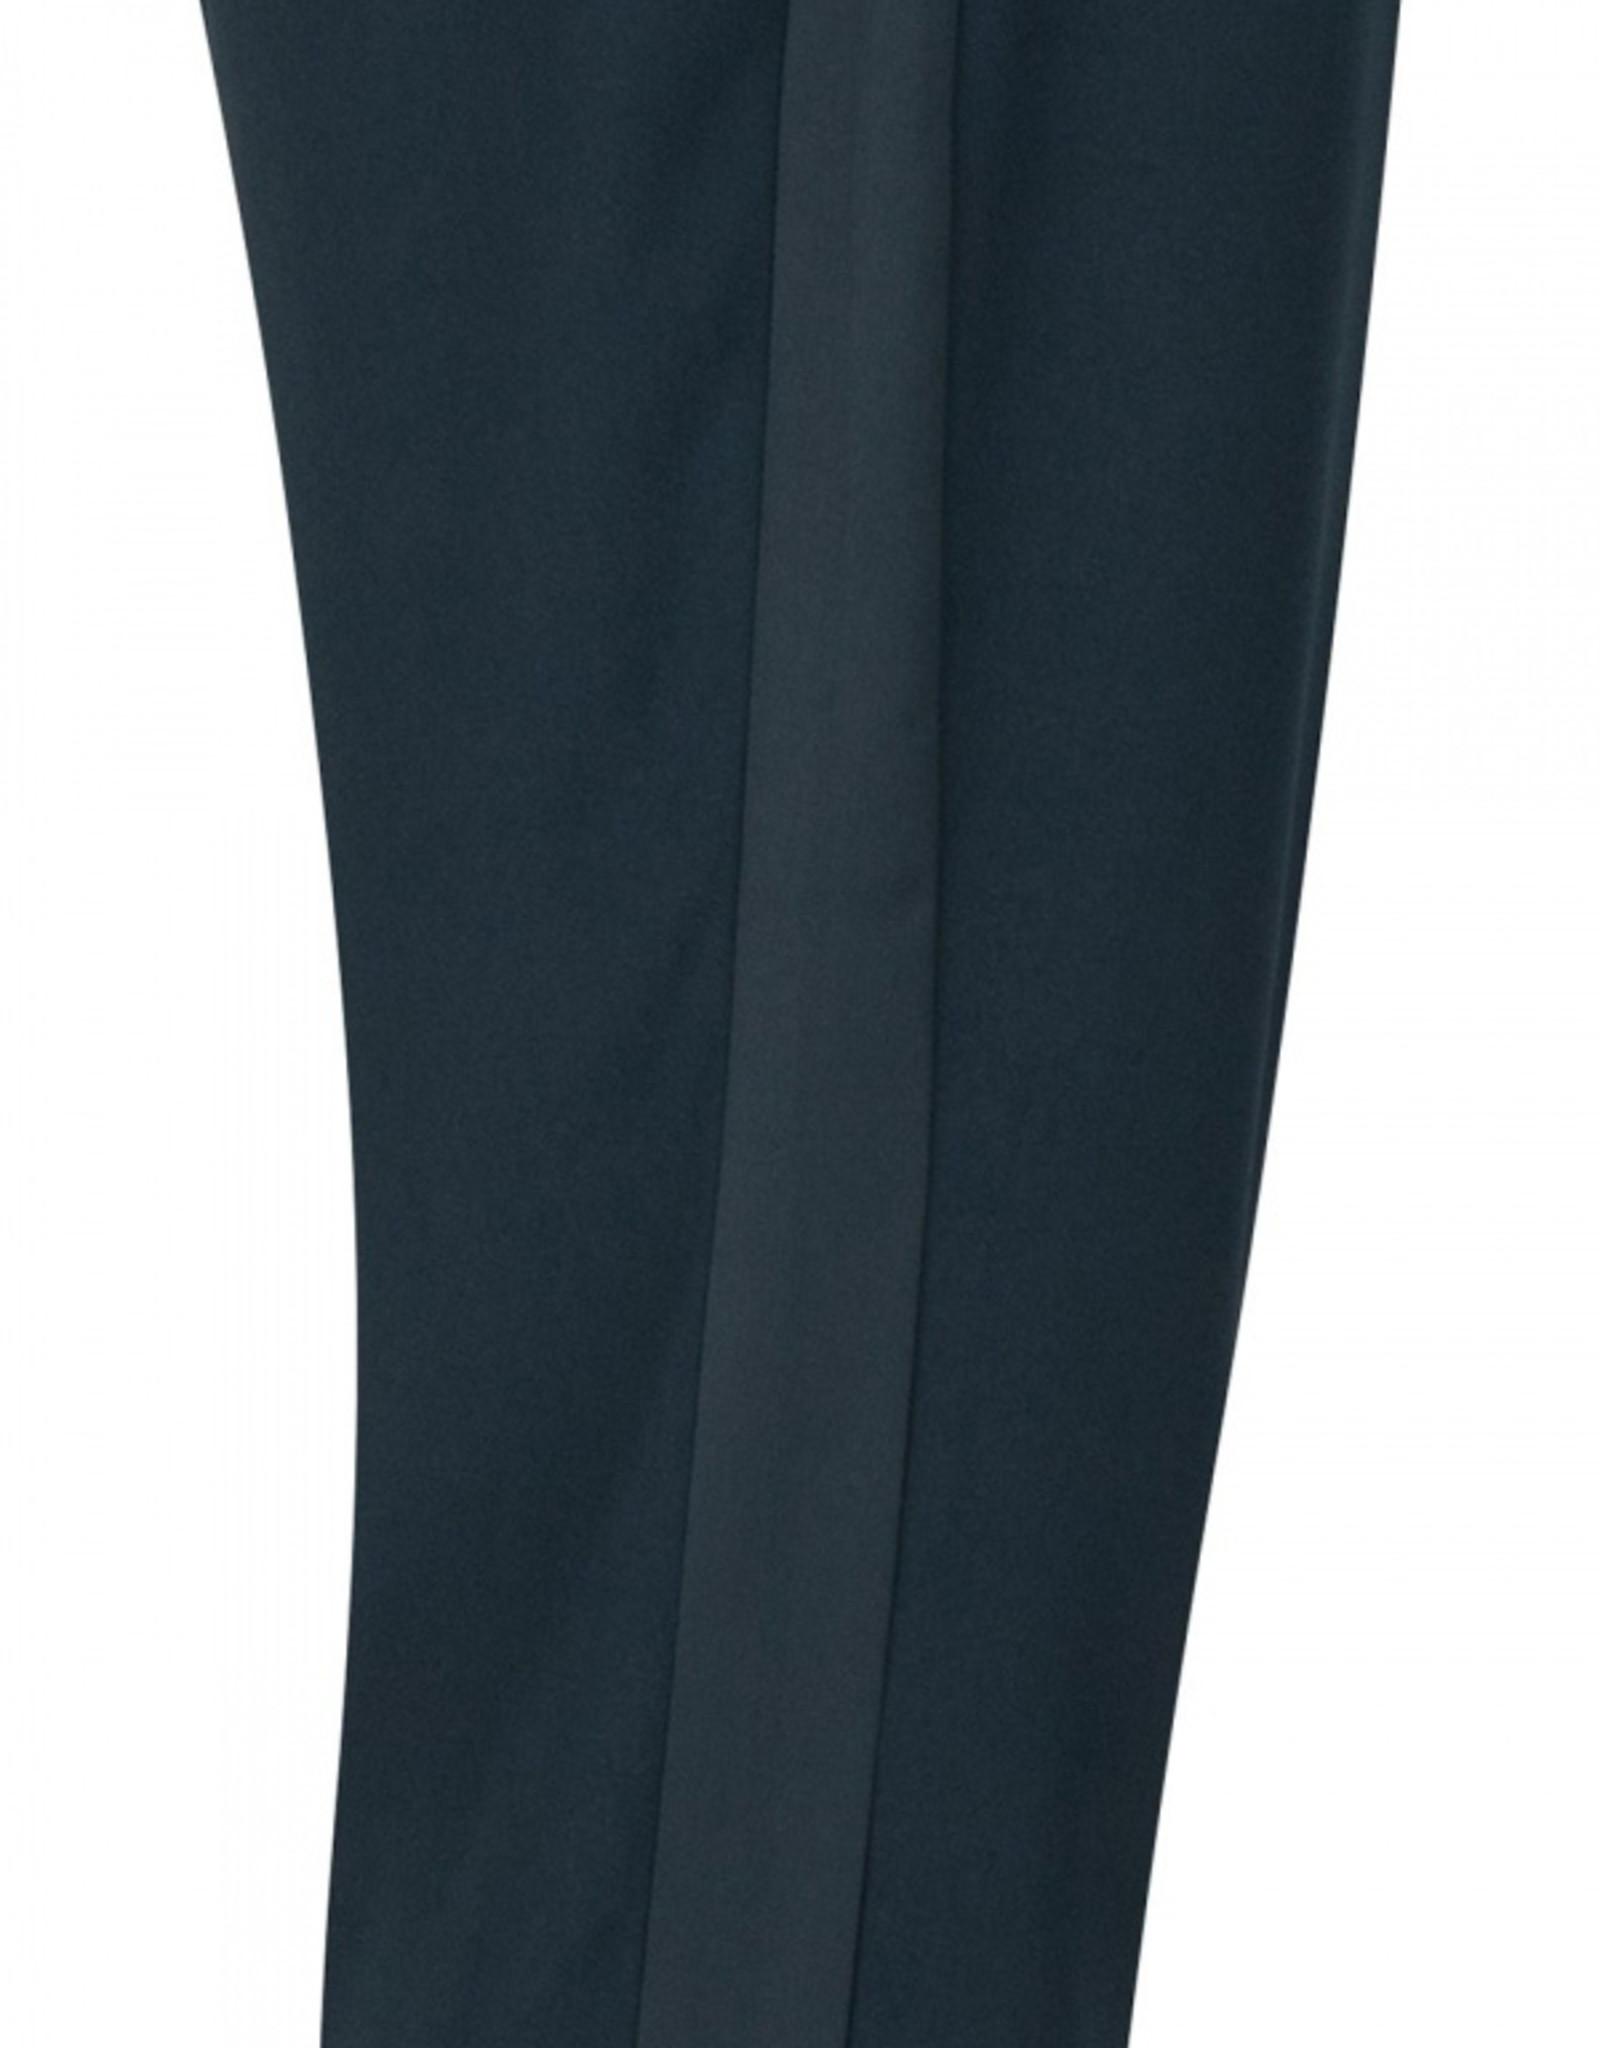 Dante6 Bowie satin detail pants Dusk Blue